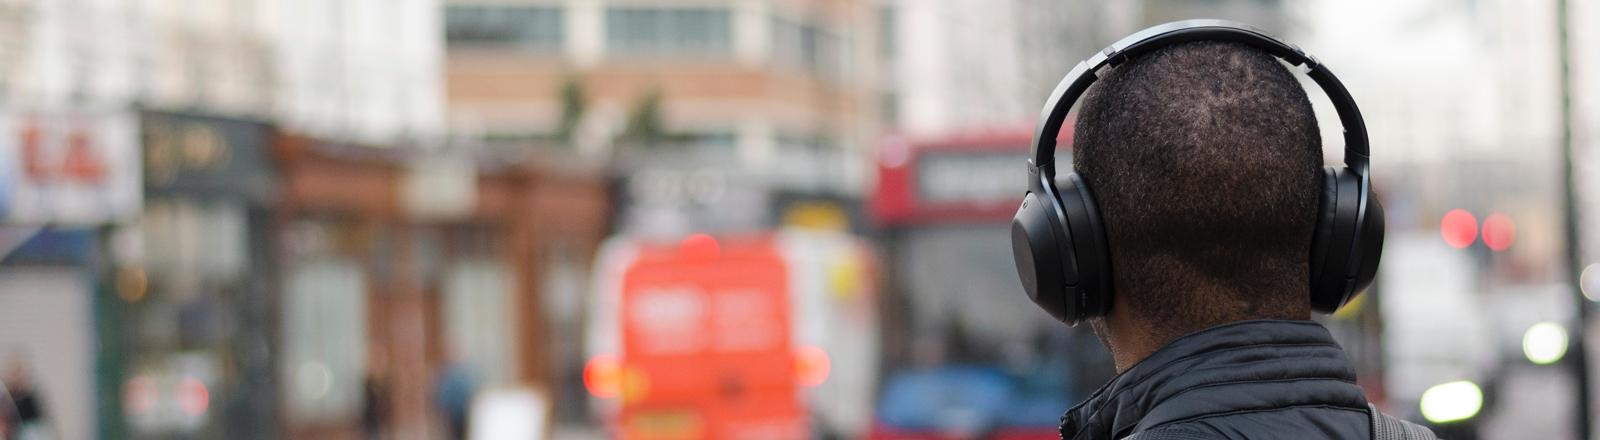 Mann mit Kopfhörern im Straßenverkehr